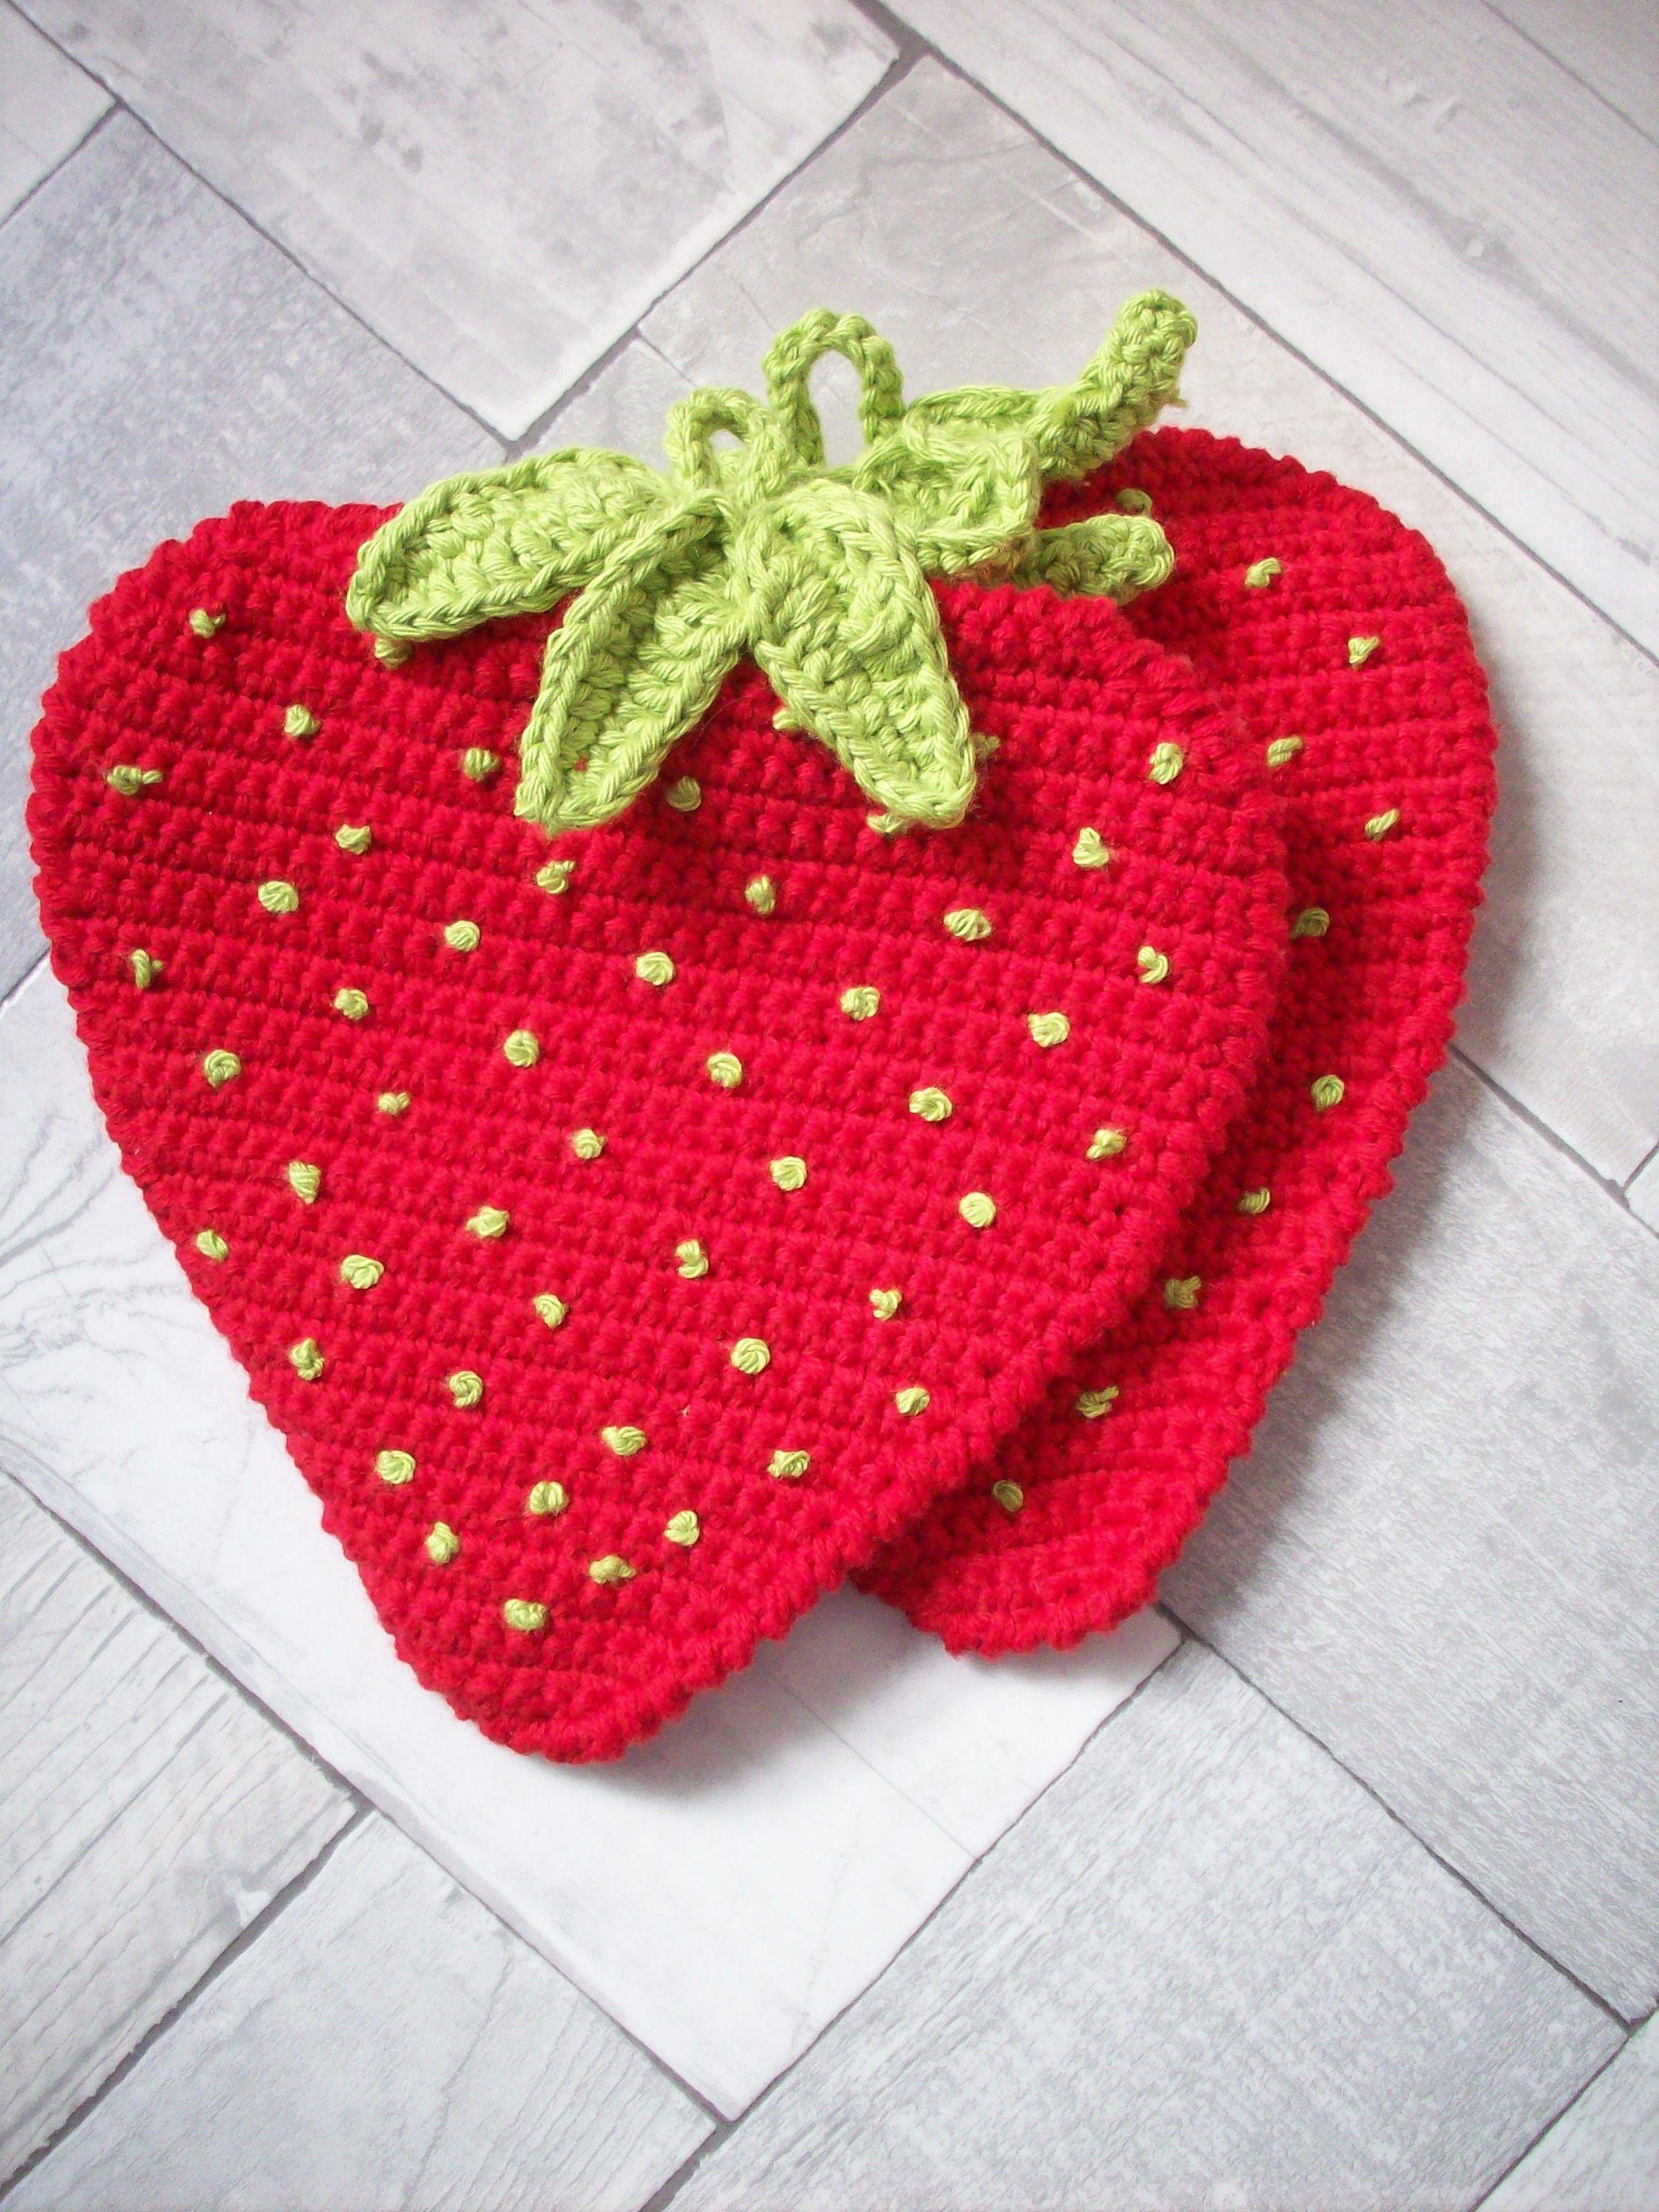 Aardbei pannenlap. | Haken voor de keuken | Pinterest | Erdbeeren ...